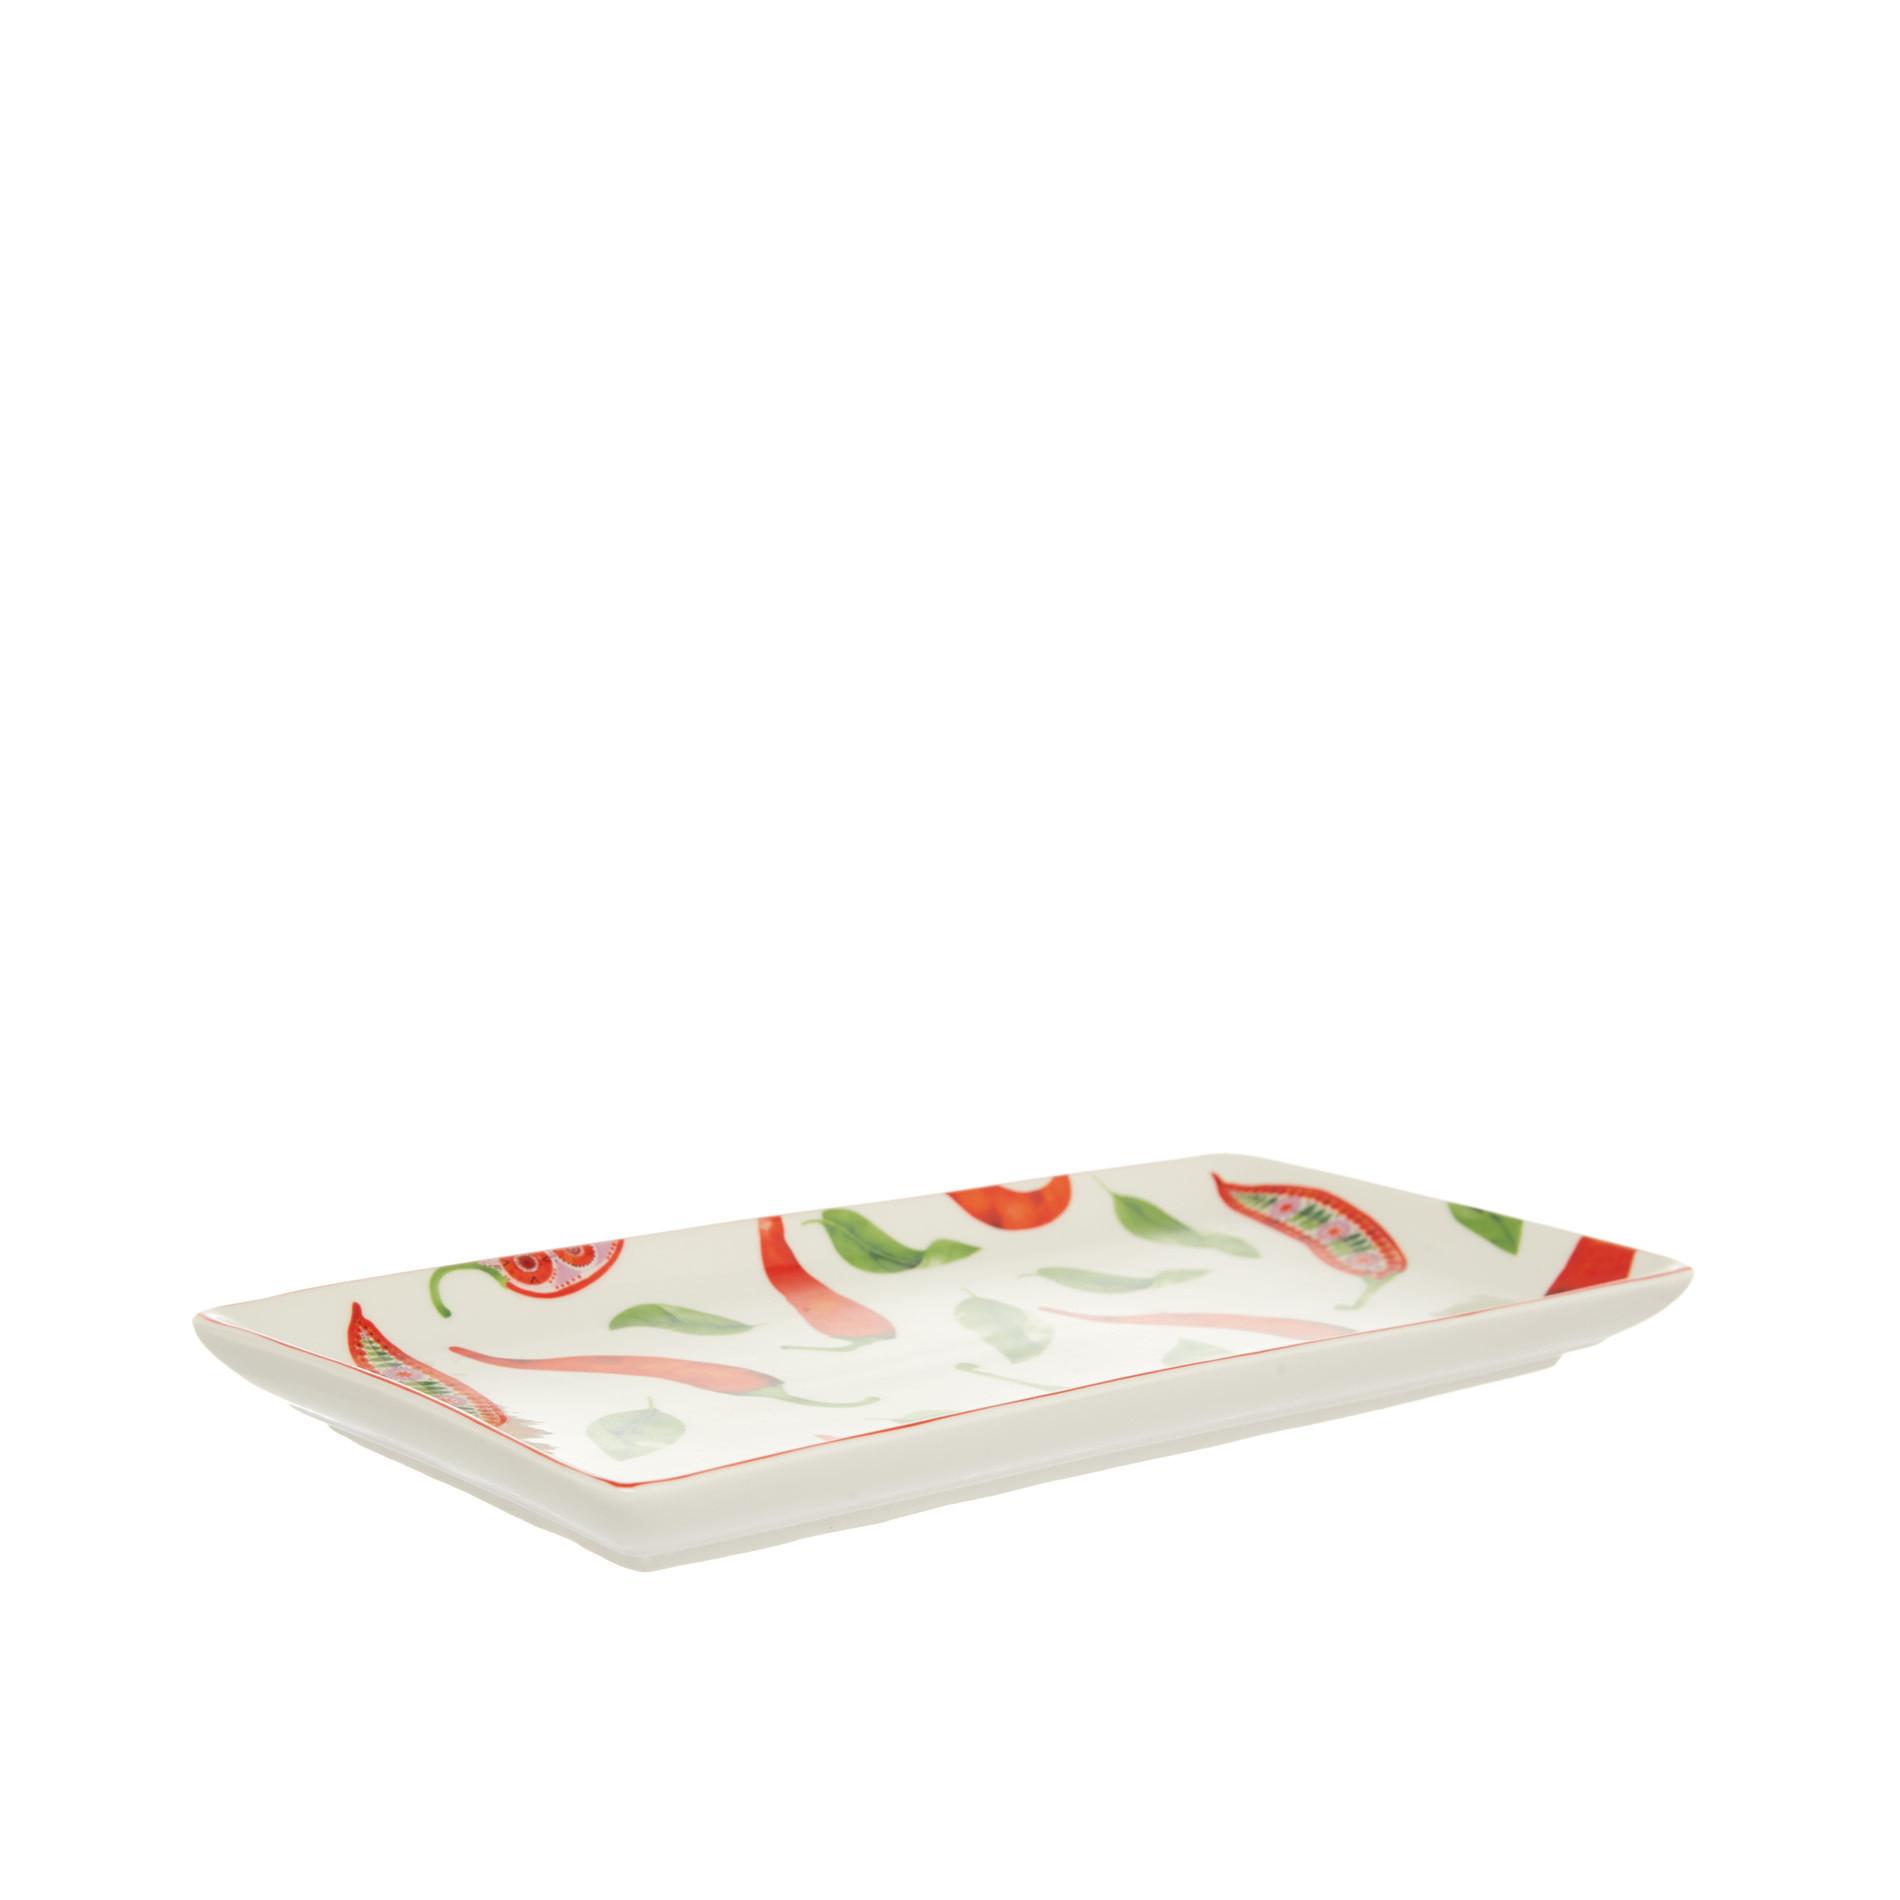 Vassoio new bone china decoro peperoncini, Bianco/Rosso, large image number 0